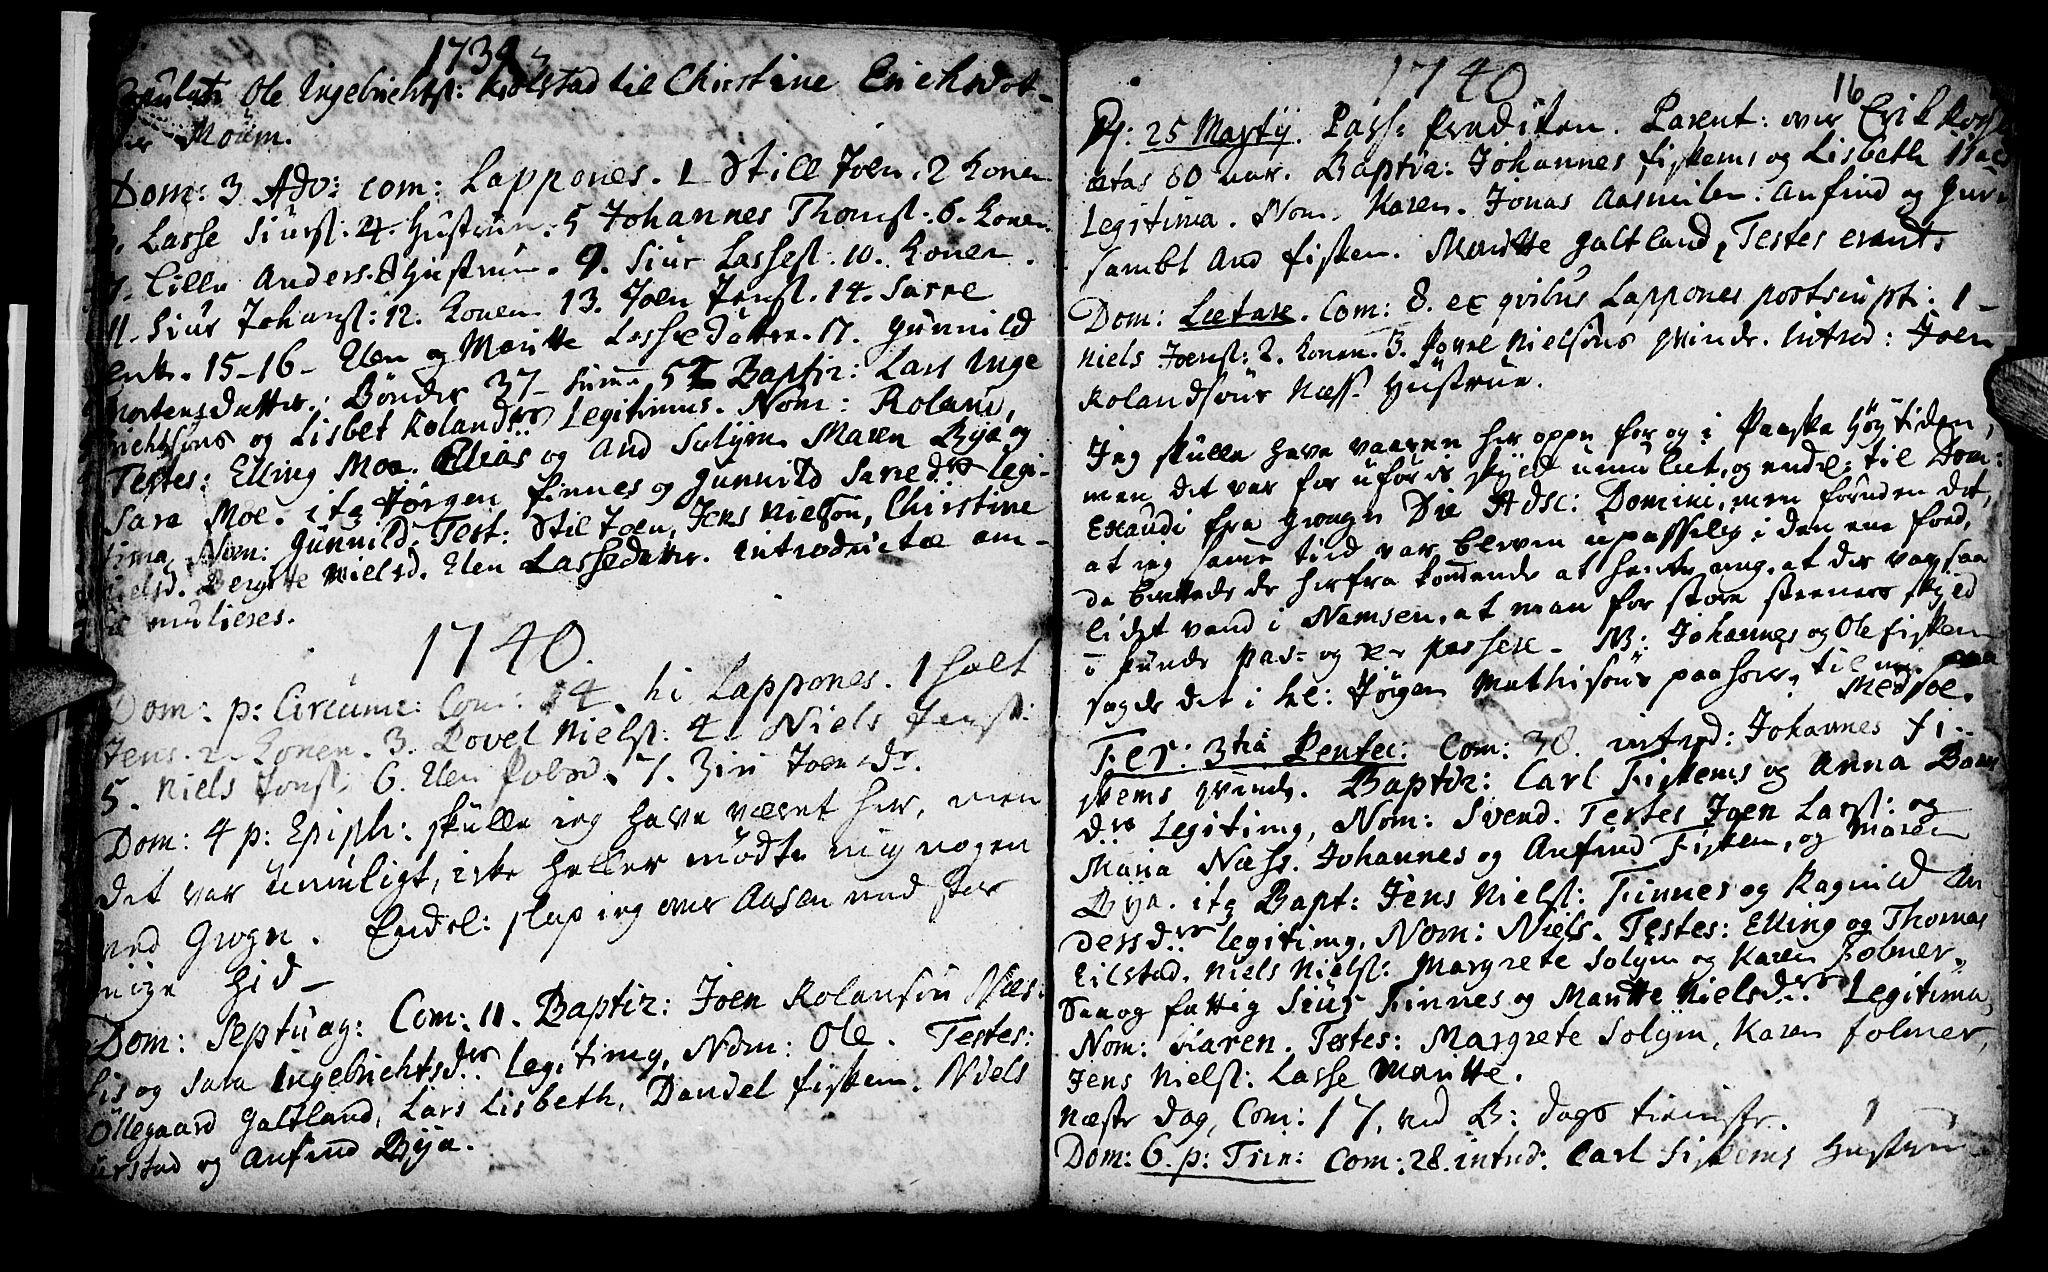 SAT, Ministerialprotokoller, klokkerbøker og fødselsregistre - Nord-Trøndelag, 759/L0525: Ministerialbok nr. 759A01, 1706-1748, s. 16